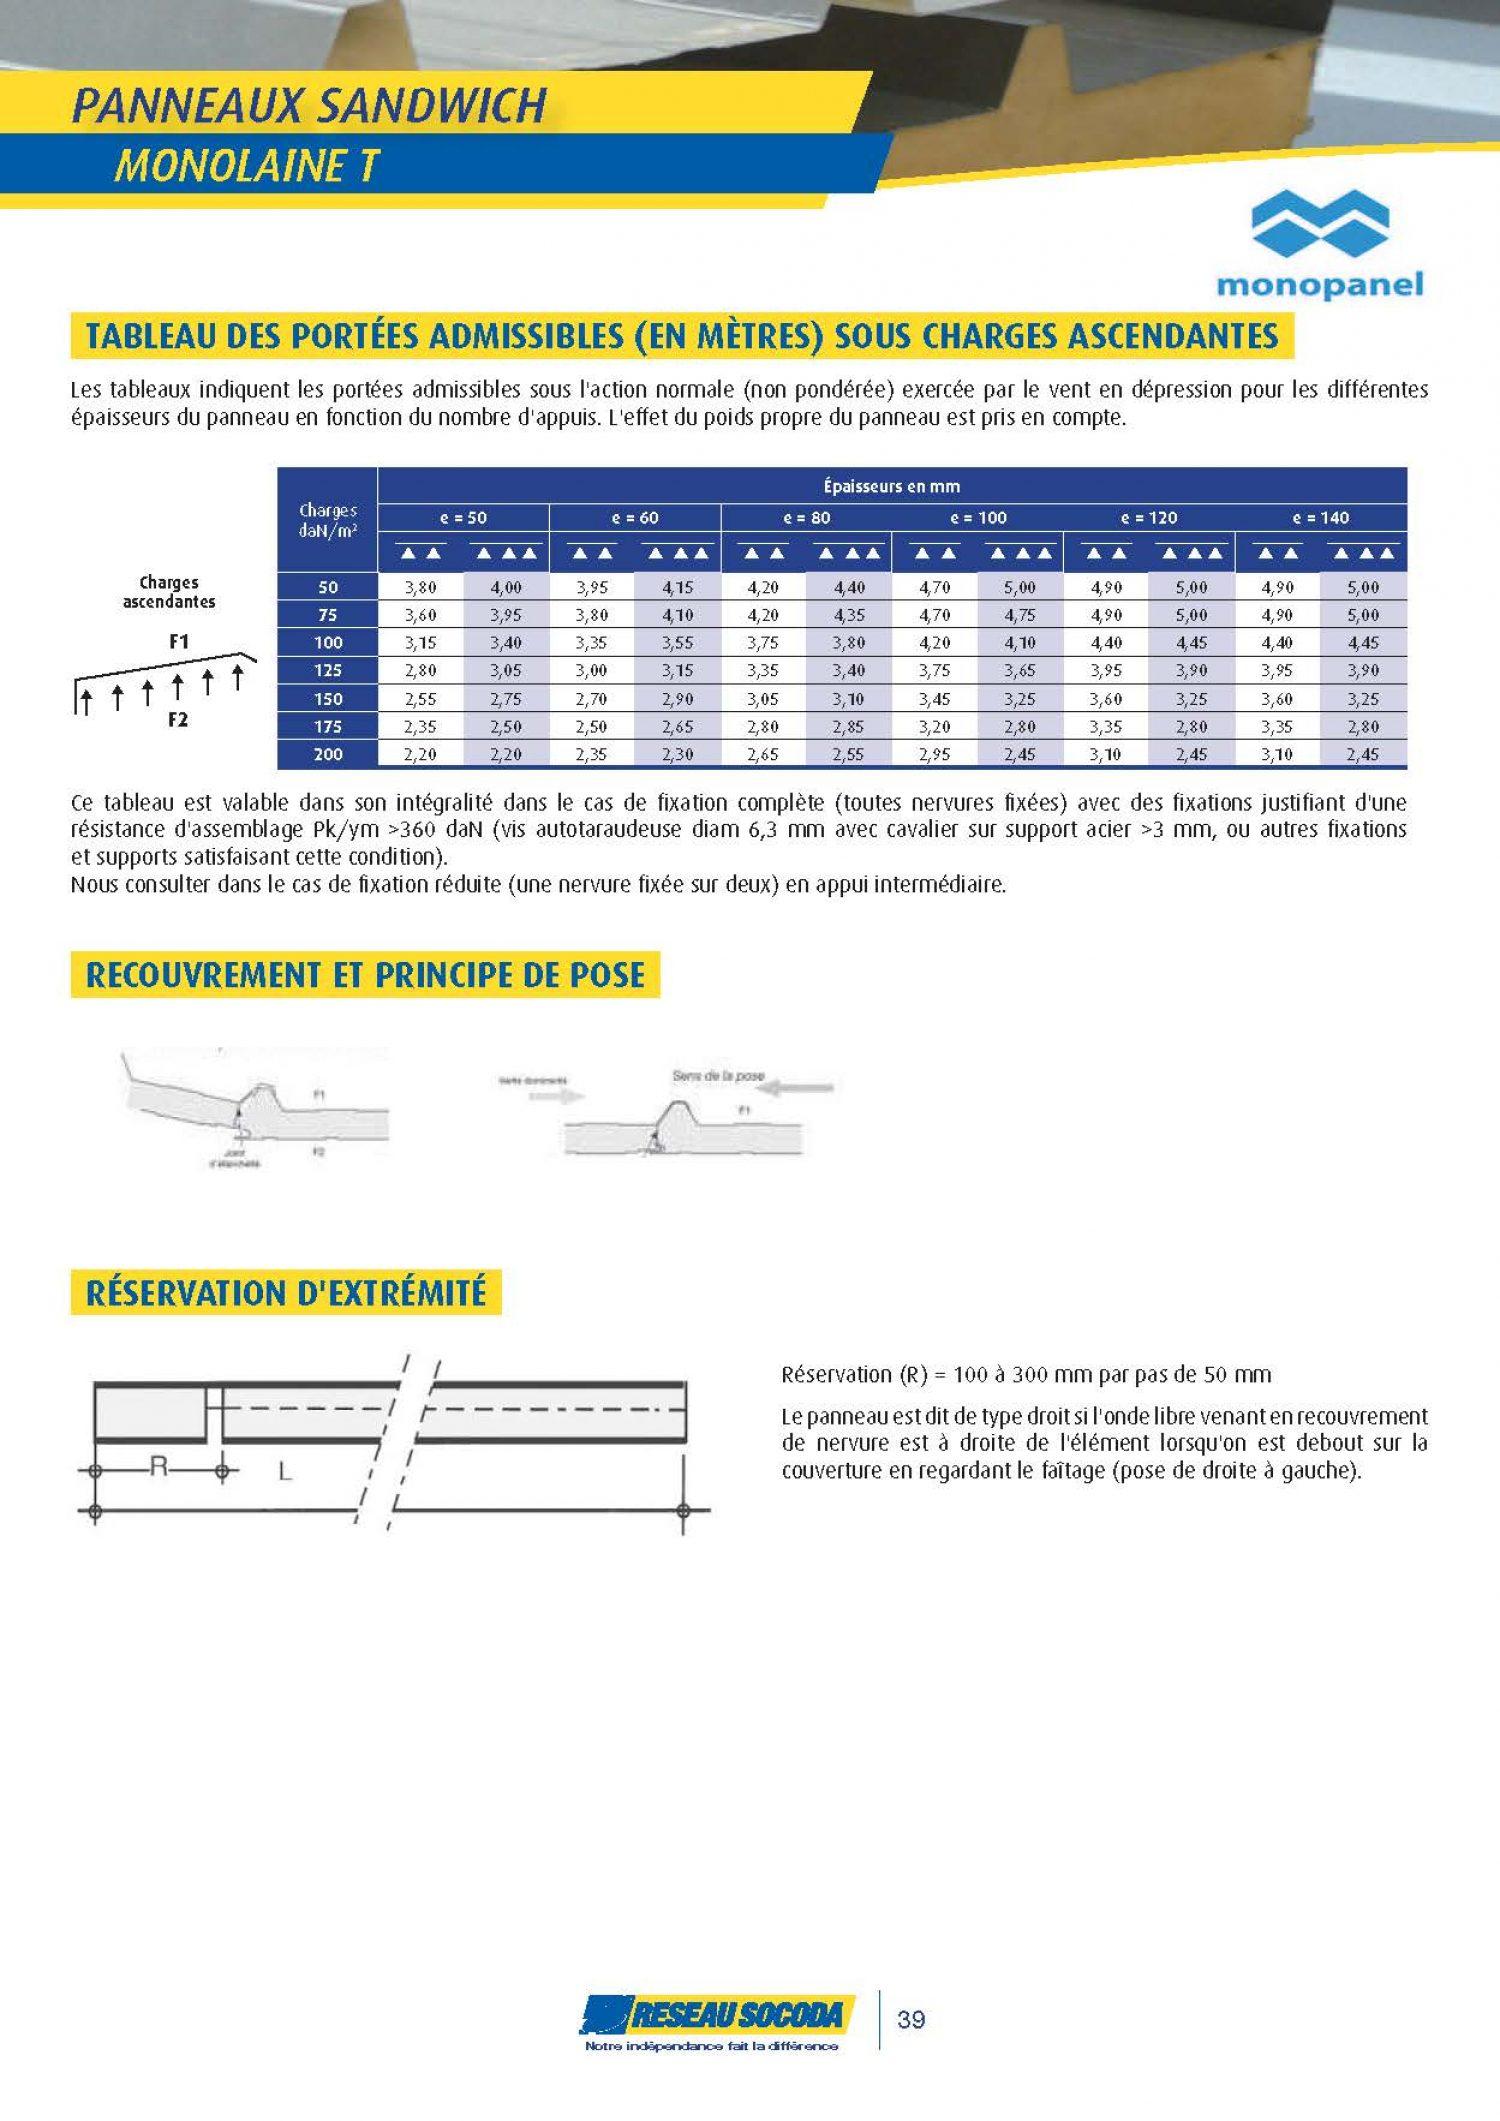 GERMOND_2014 PROFIL BATIMENT_20140324-184231_Page_39